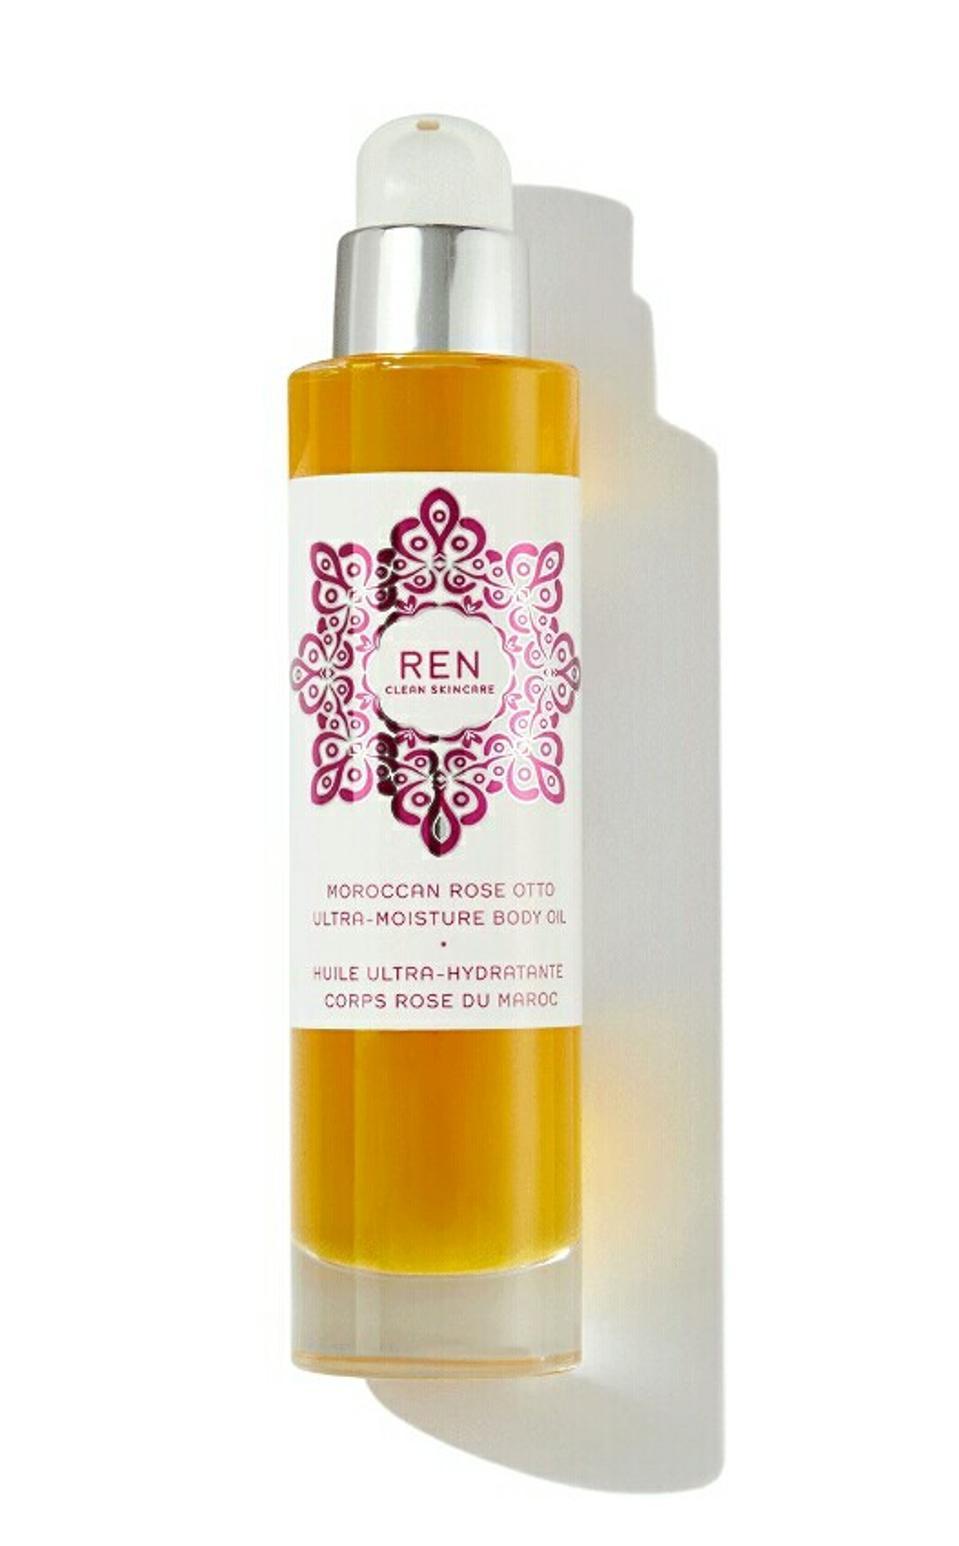 REN Moroccan Rose Otto Body Oil